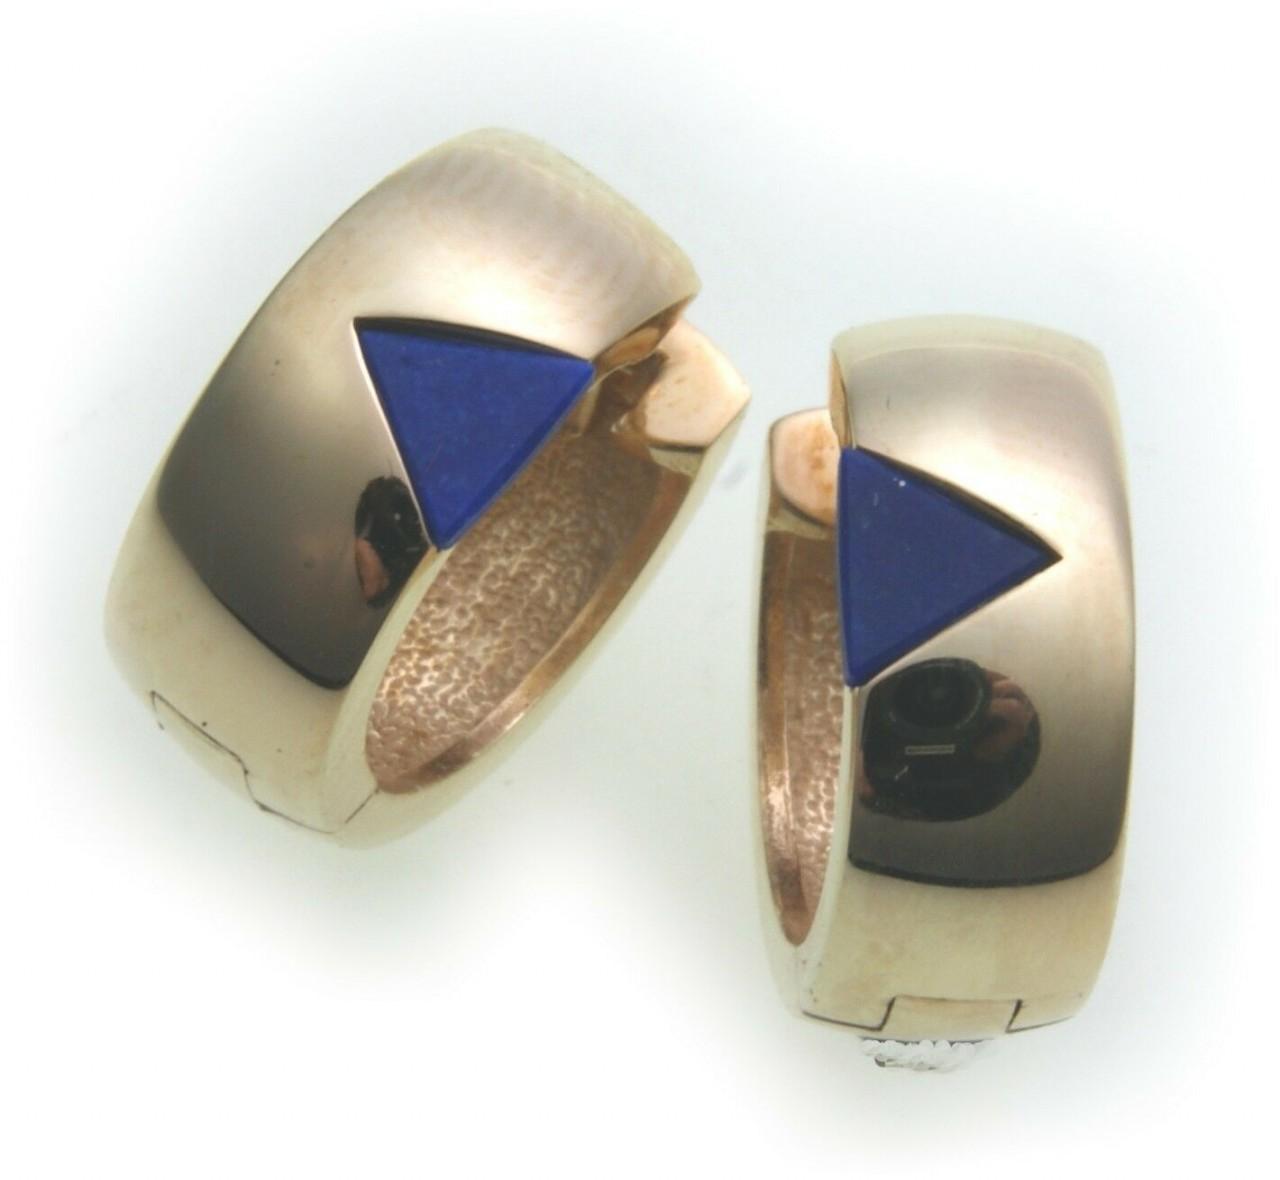 Damen Ohrringe Klapp Creolen Gold 333 mit Lapis 15mm Gelbgold Klappcreolen Blau